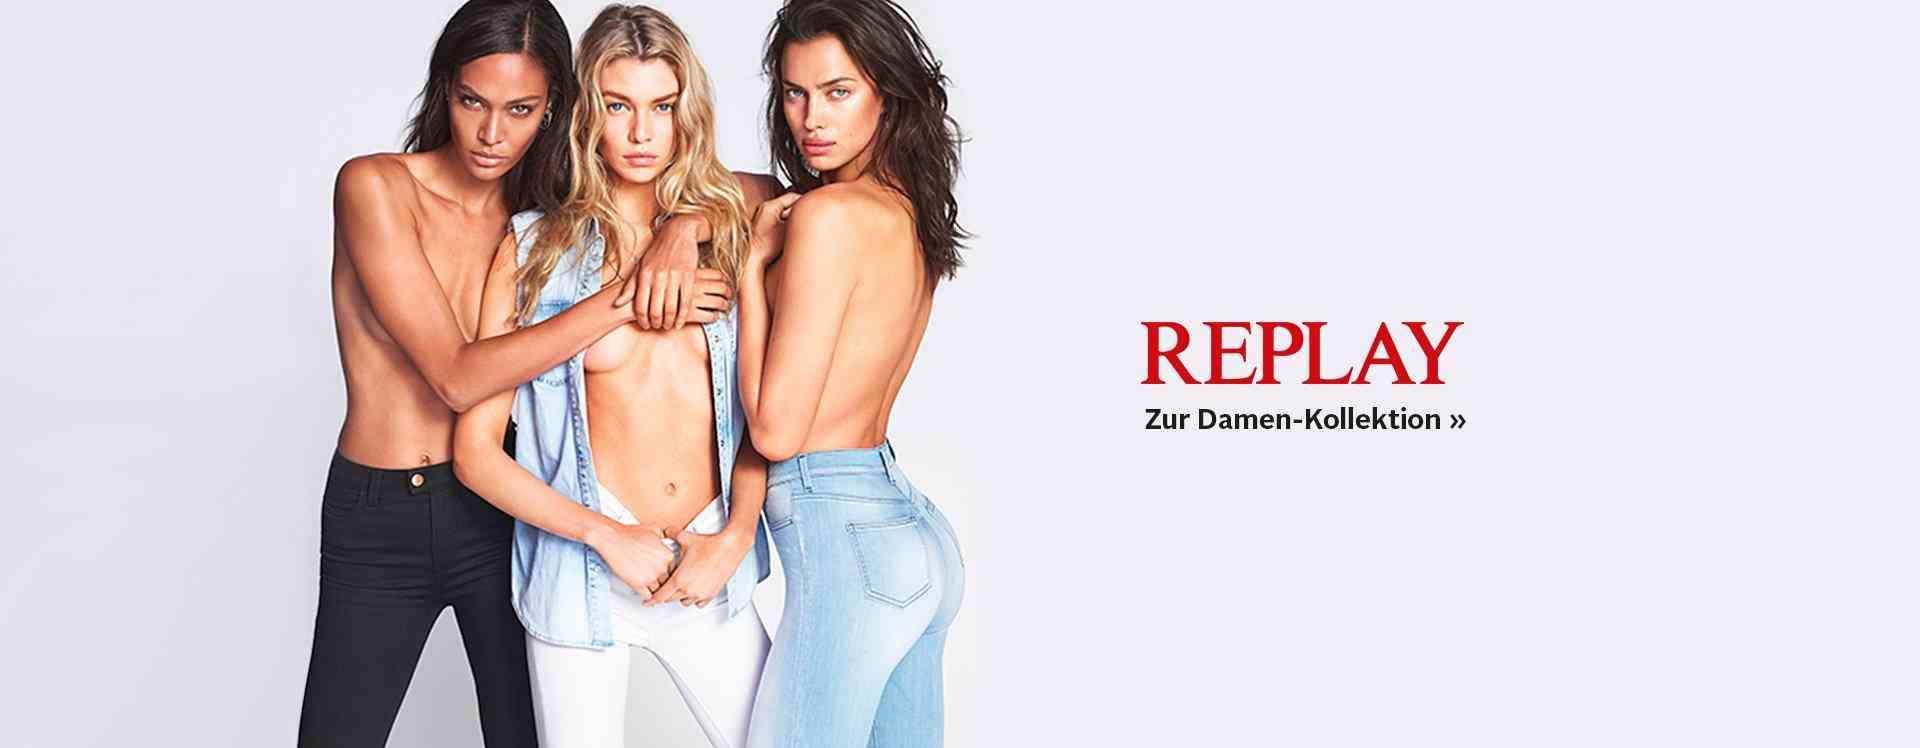 Zum Replay - Markenshop.